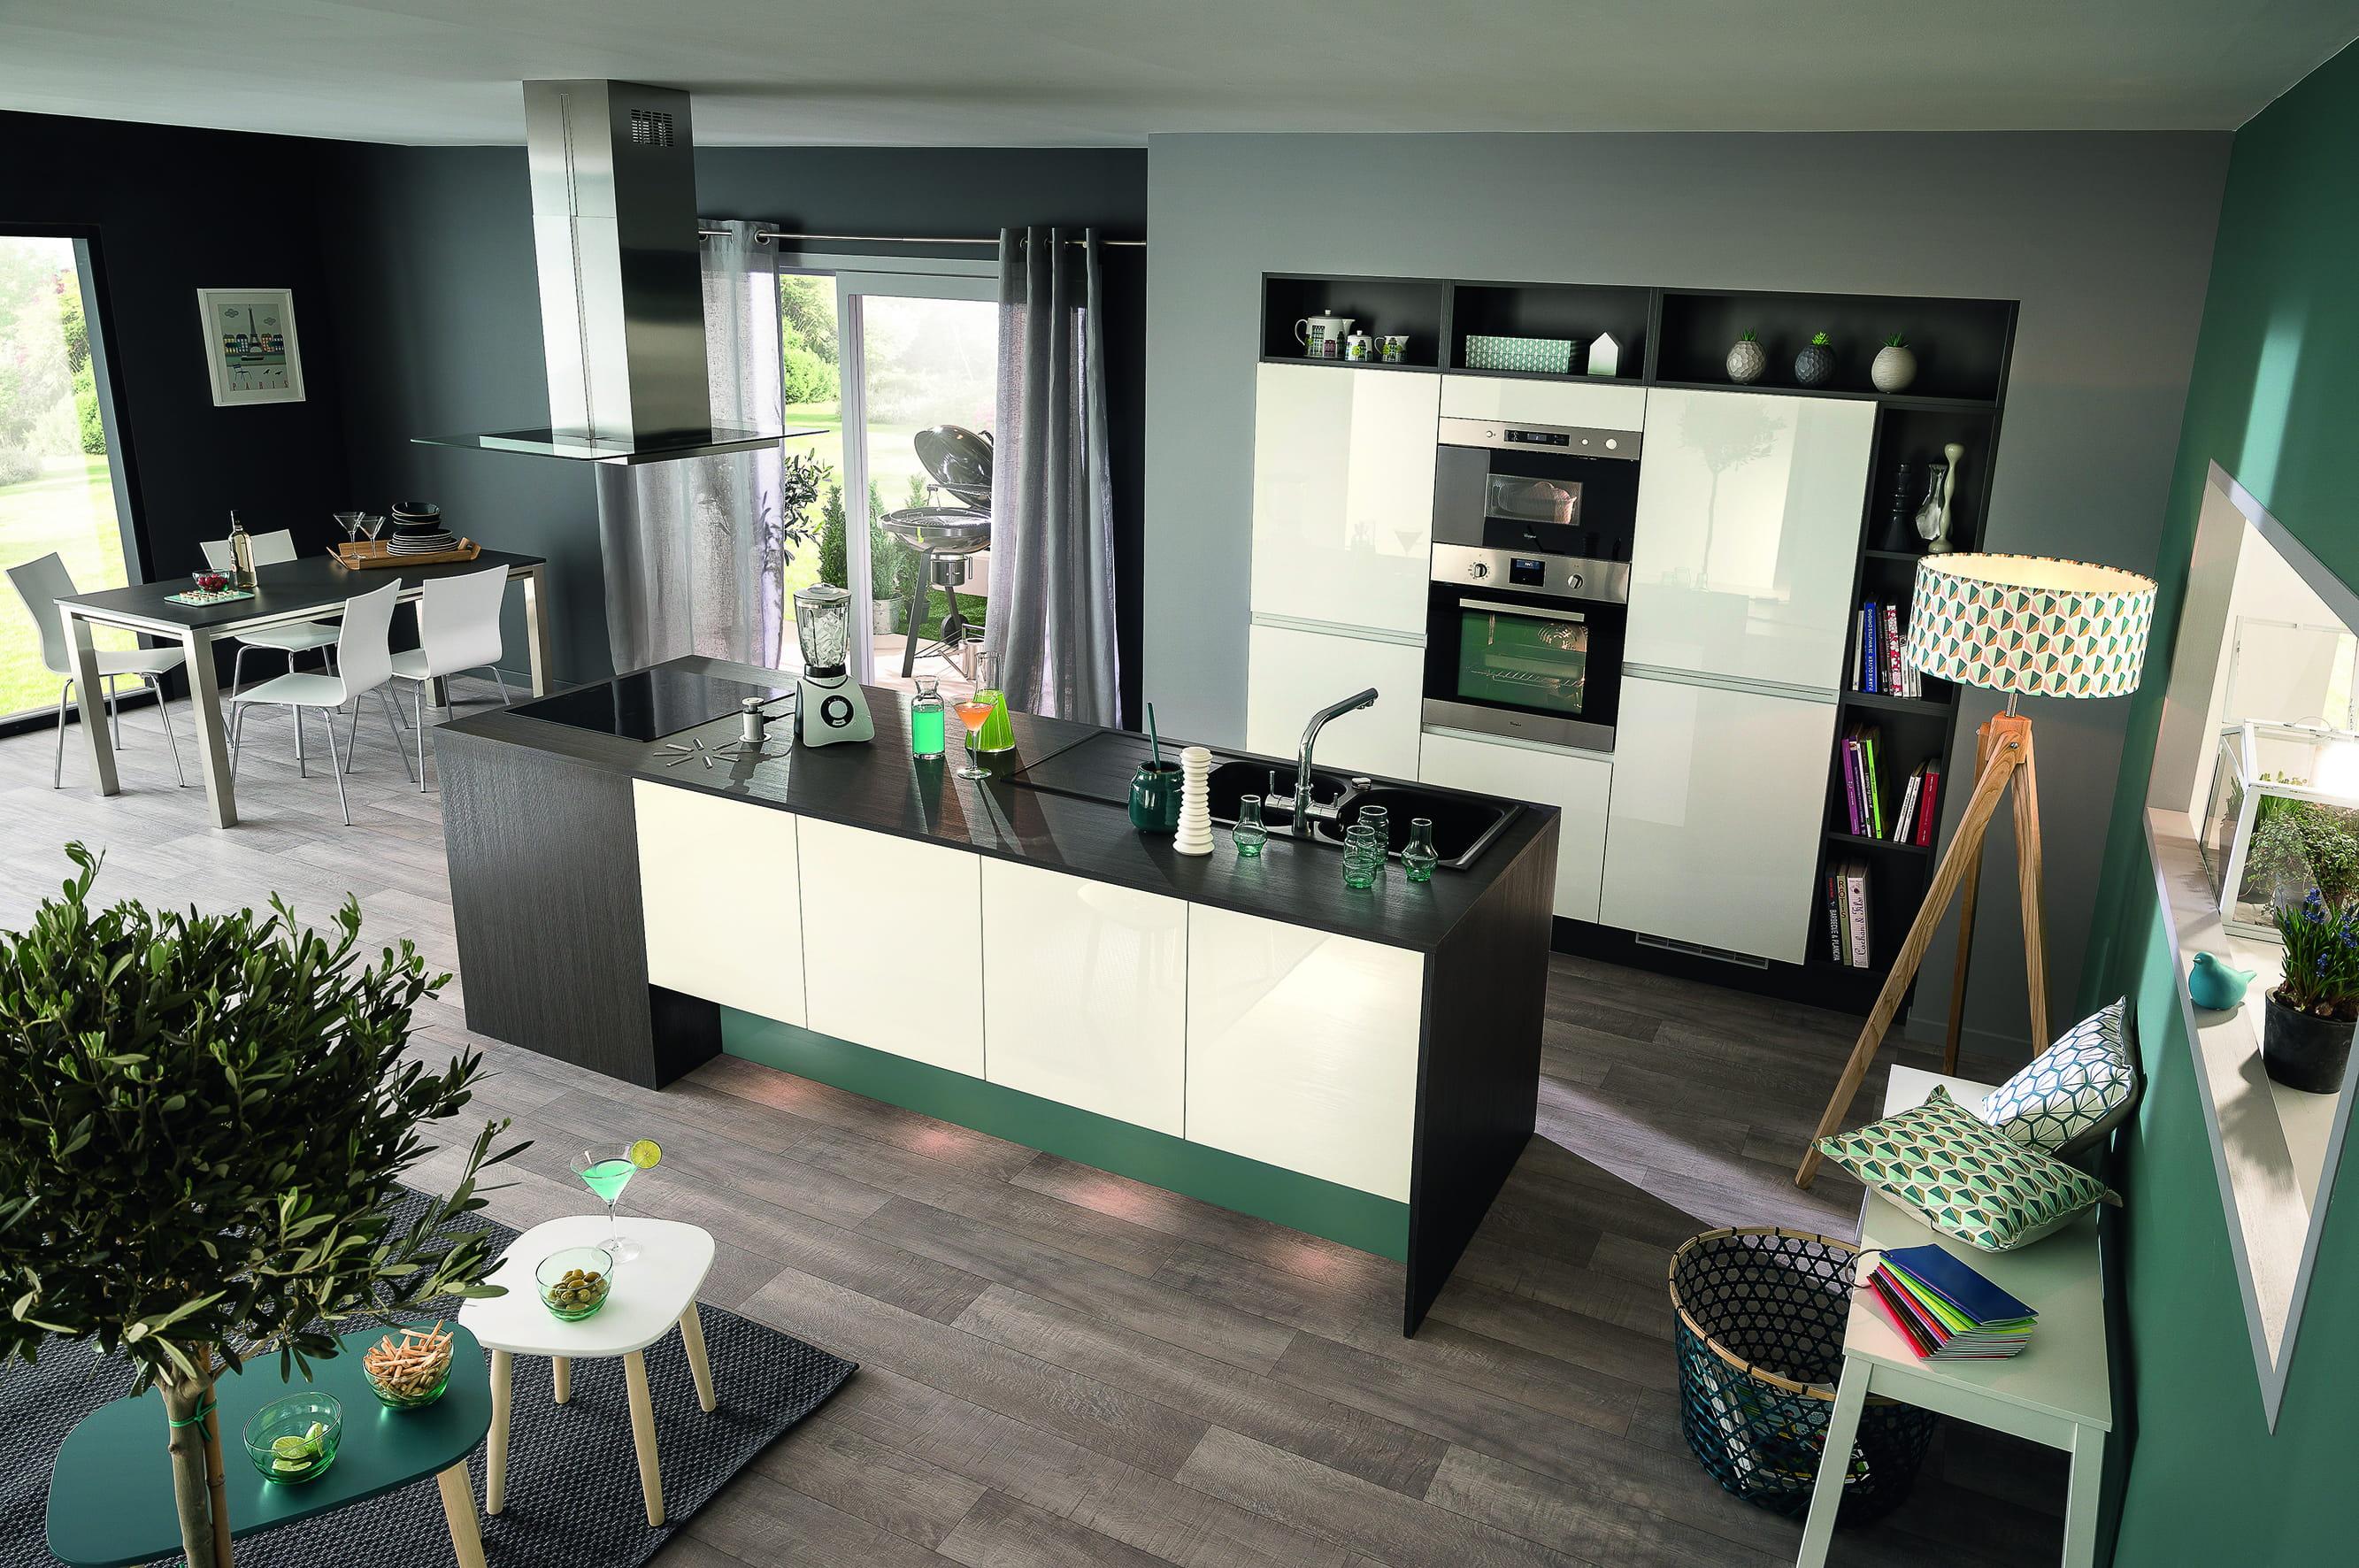 Cuisine familiale muse de socoo 39 c des cuisines modernes - Table de cuisine avec rangement ...